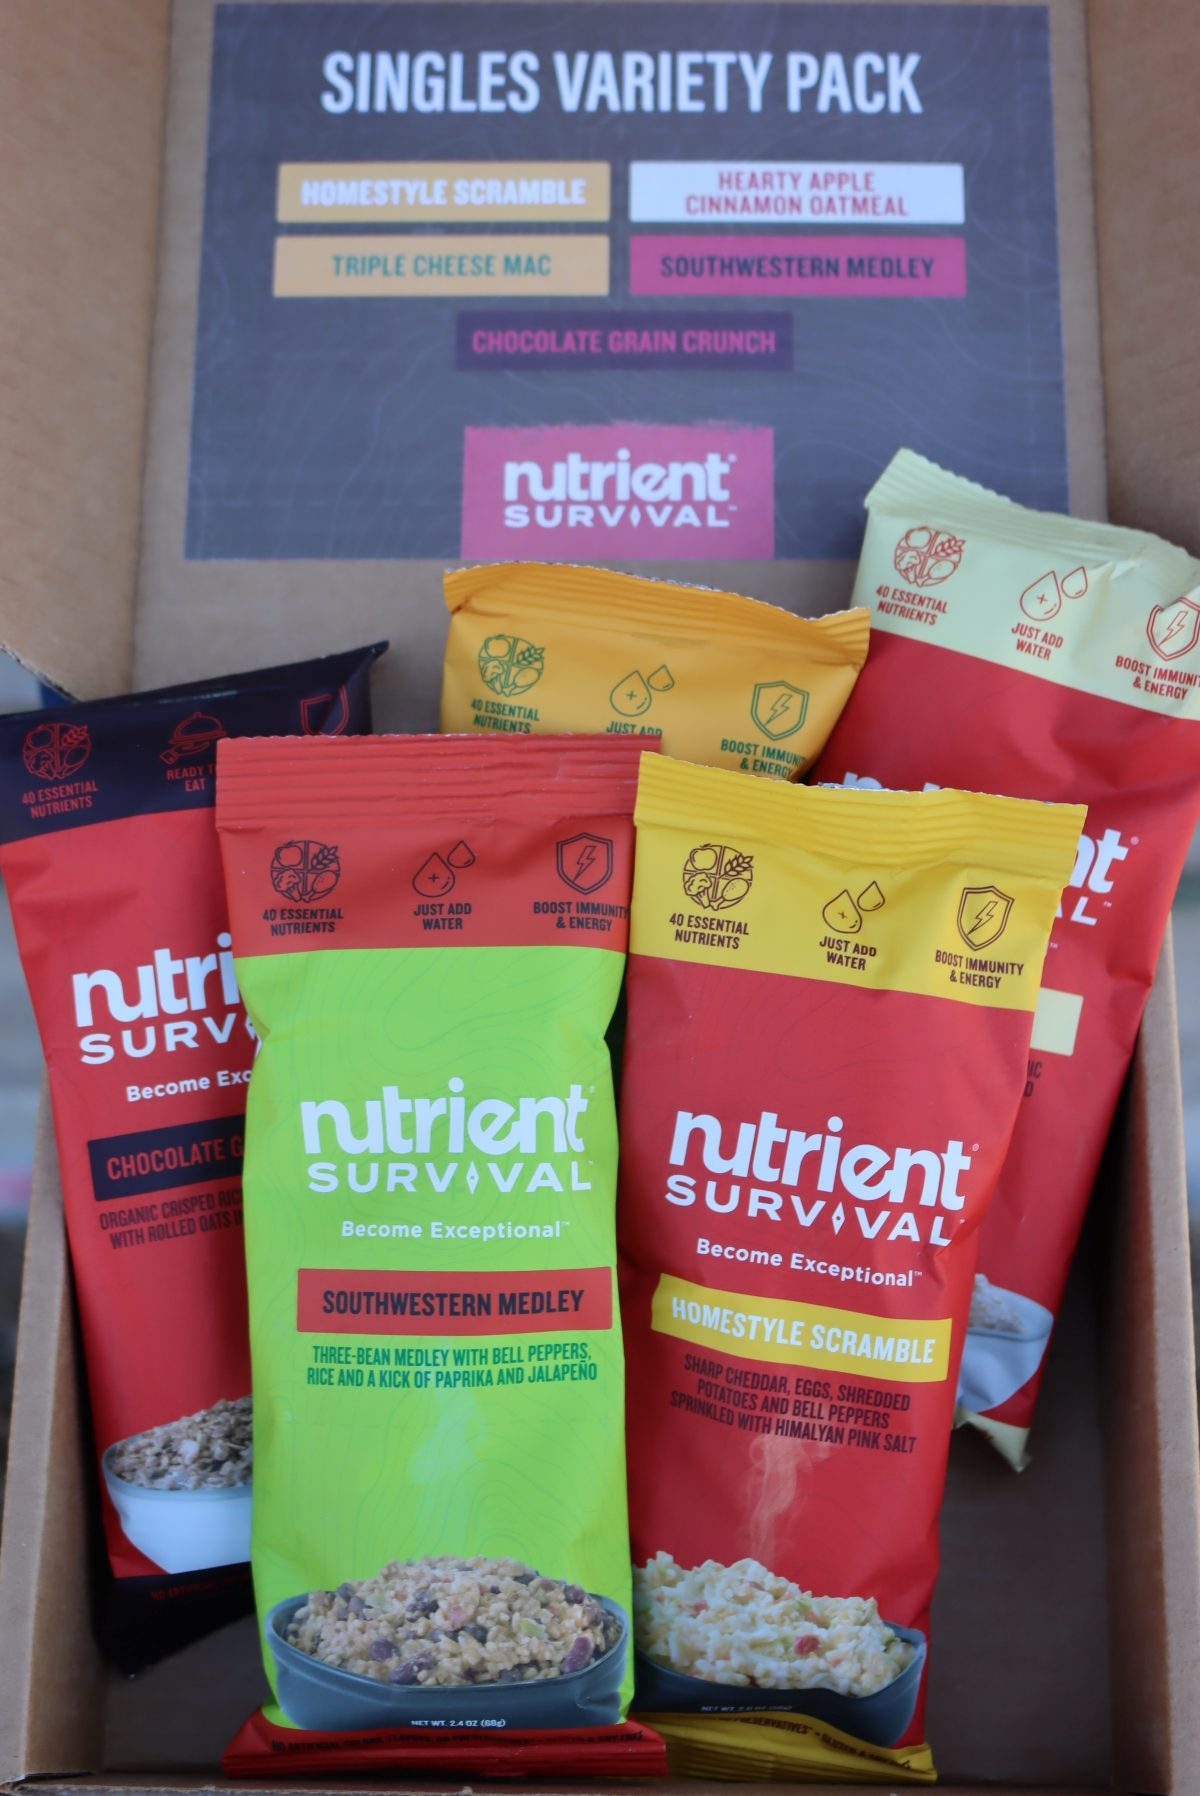 Nutrient Survival Singles Variety Pack